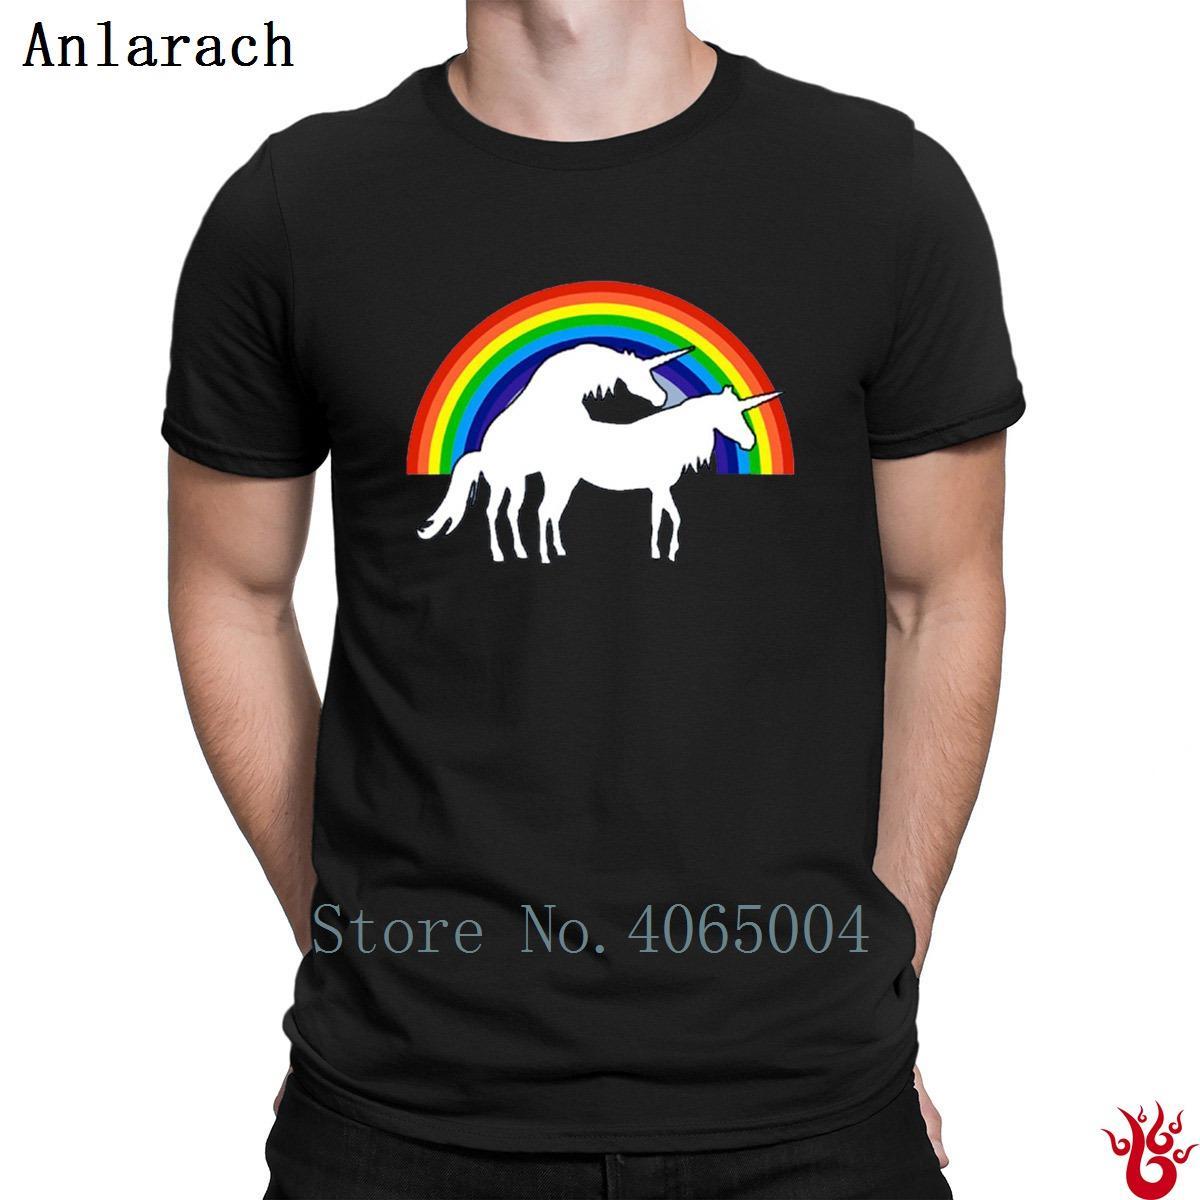 Compre Camiseta Con Estampado De Unicornios Camiseta De Manga Corta Camiseta  Con Estampado S Xxxl De Hombres Camiseta Con Estampado Pop De Verano Nuevos  ... 6316c43602a29